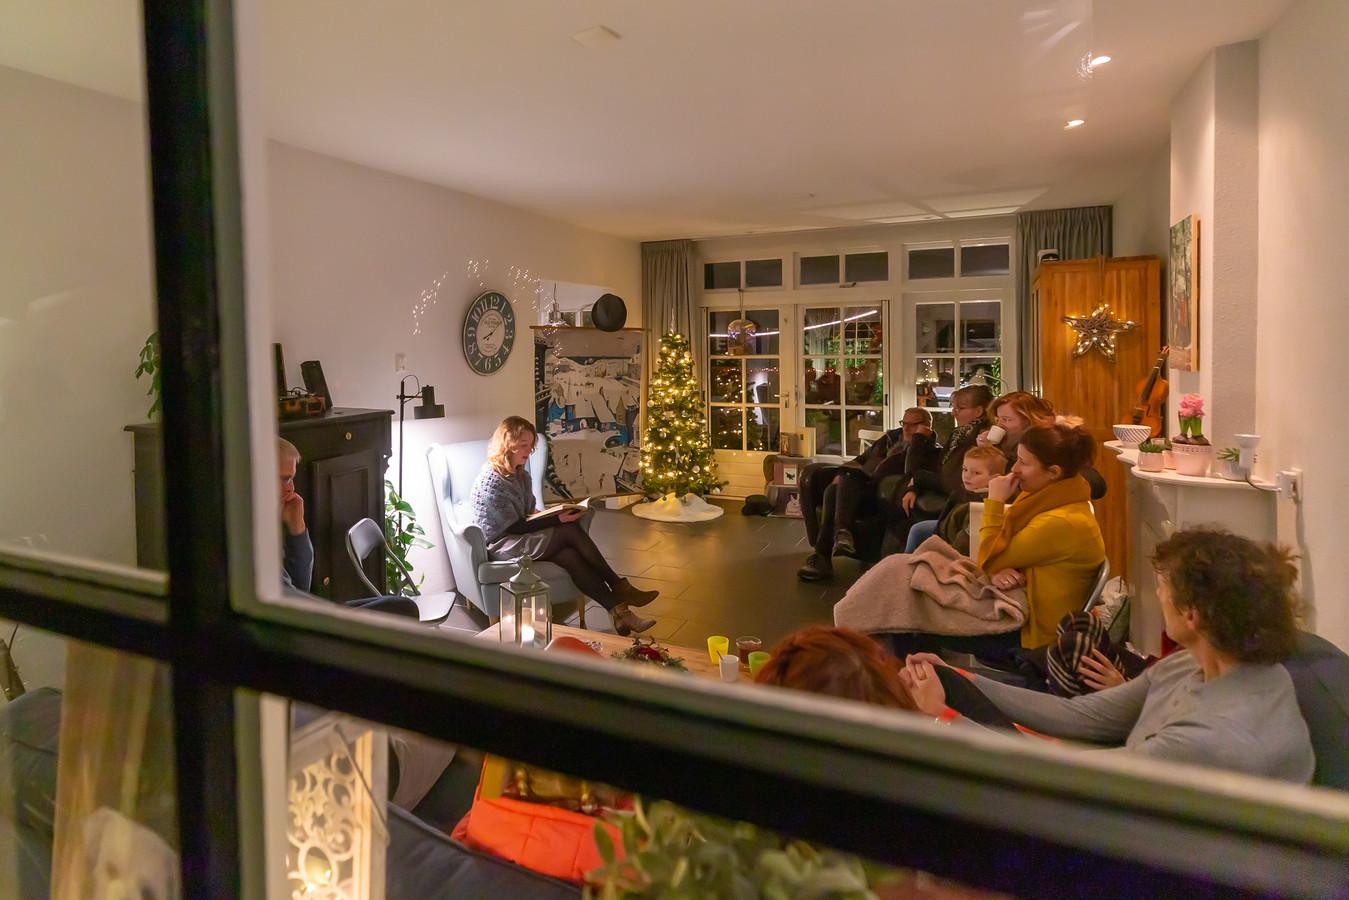 Huiskamervertelling in de Gasthuisstraat door Jannine Wursten.